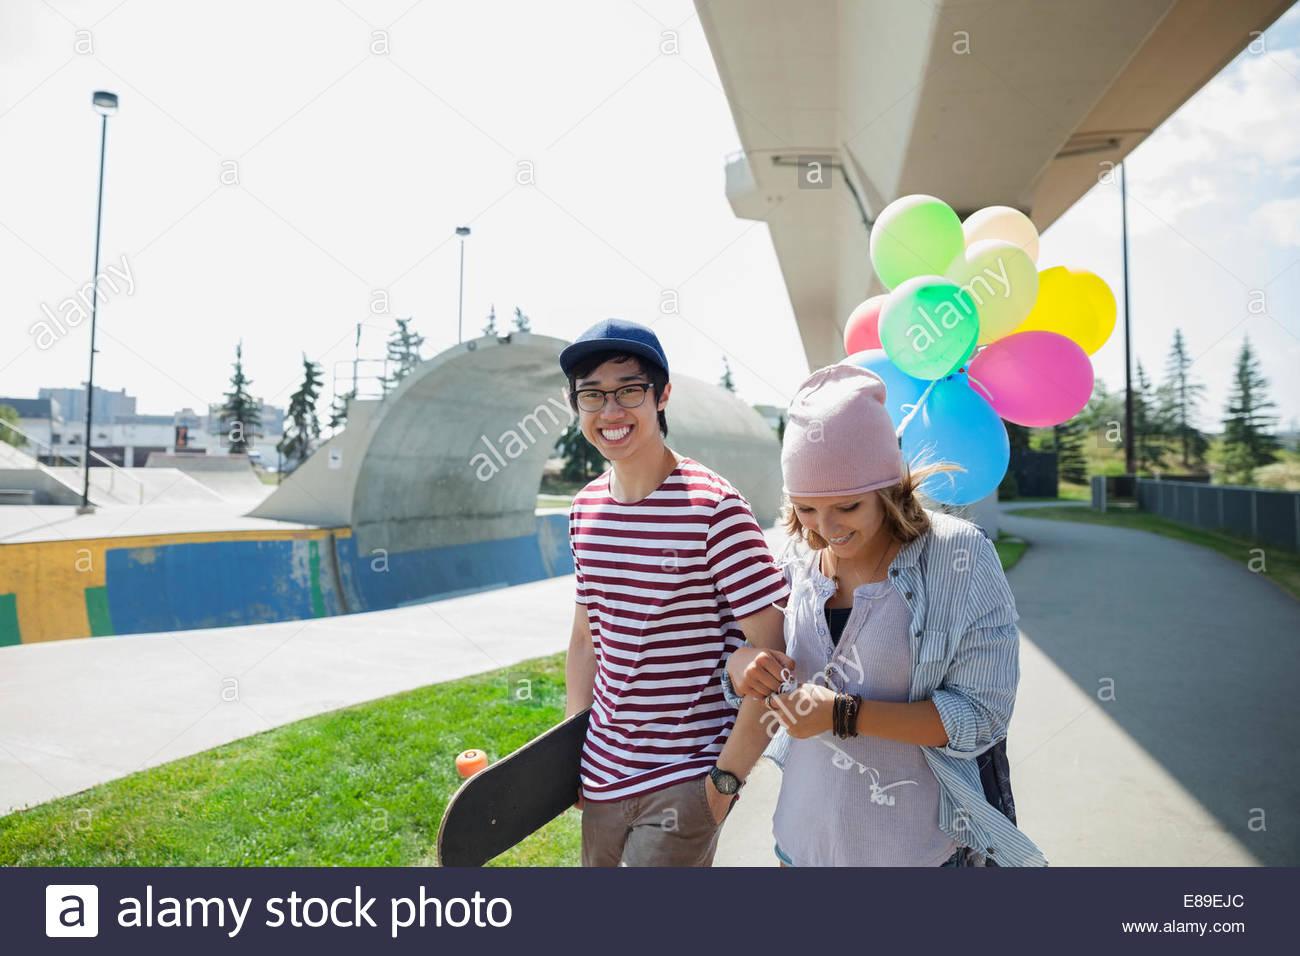 Giovane adolescente con palloncini a skate park Immagini Stock